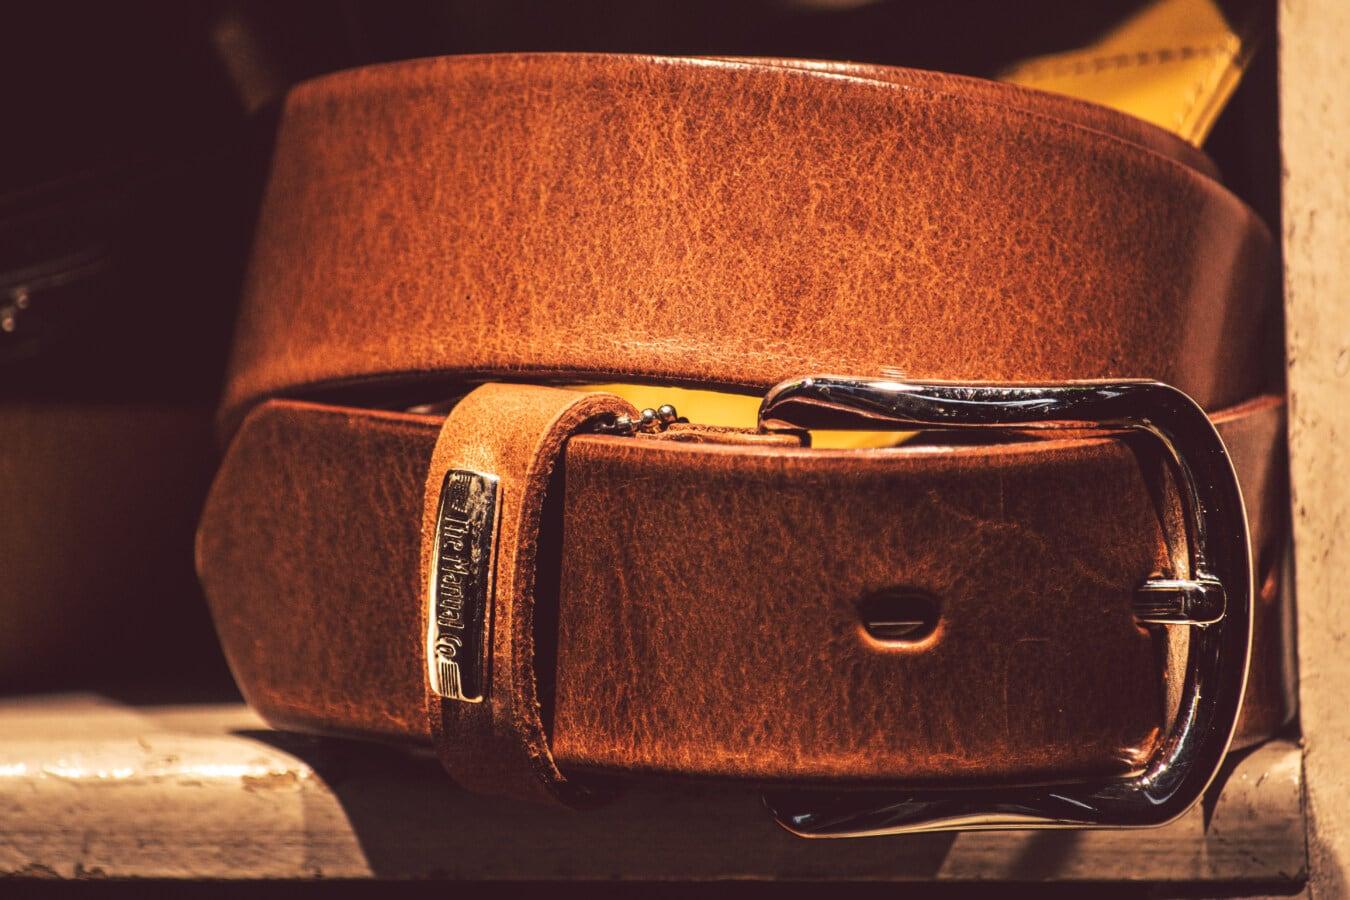 correia, marrom claro, couro, aço inoxidável, fivela, prateleira, vintage, de madeira, moda, retrô